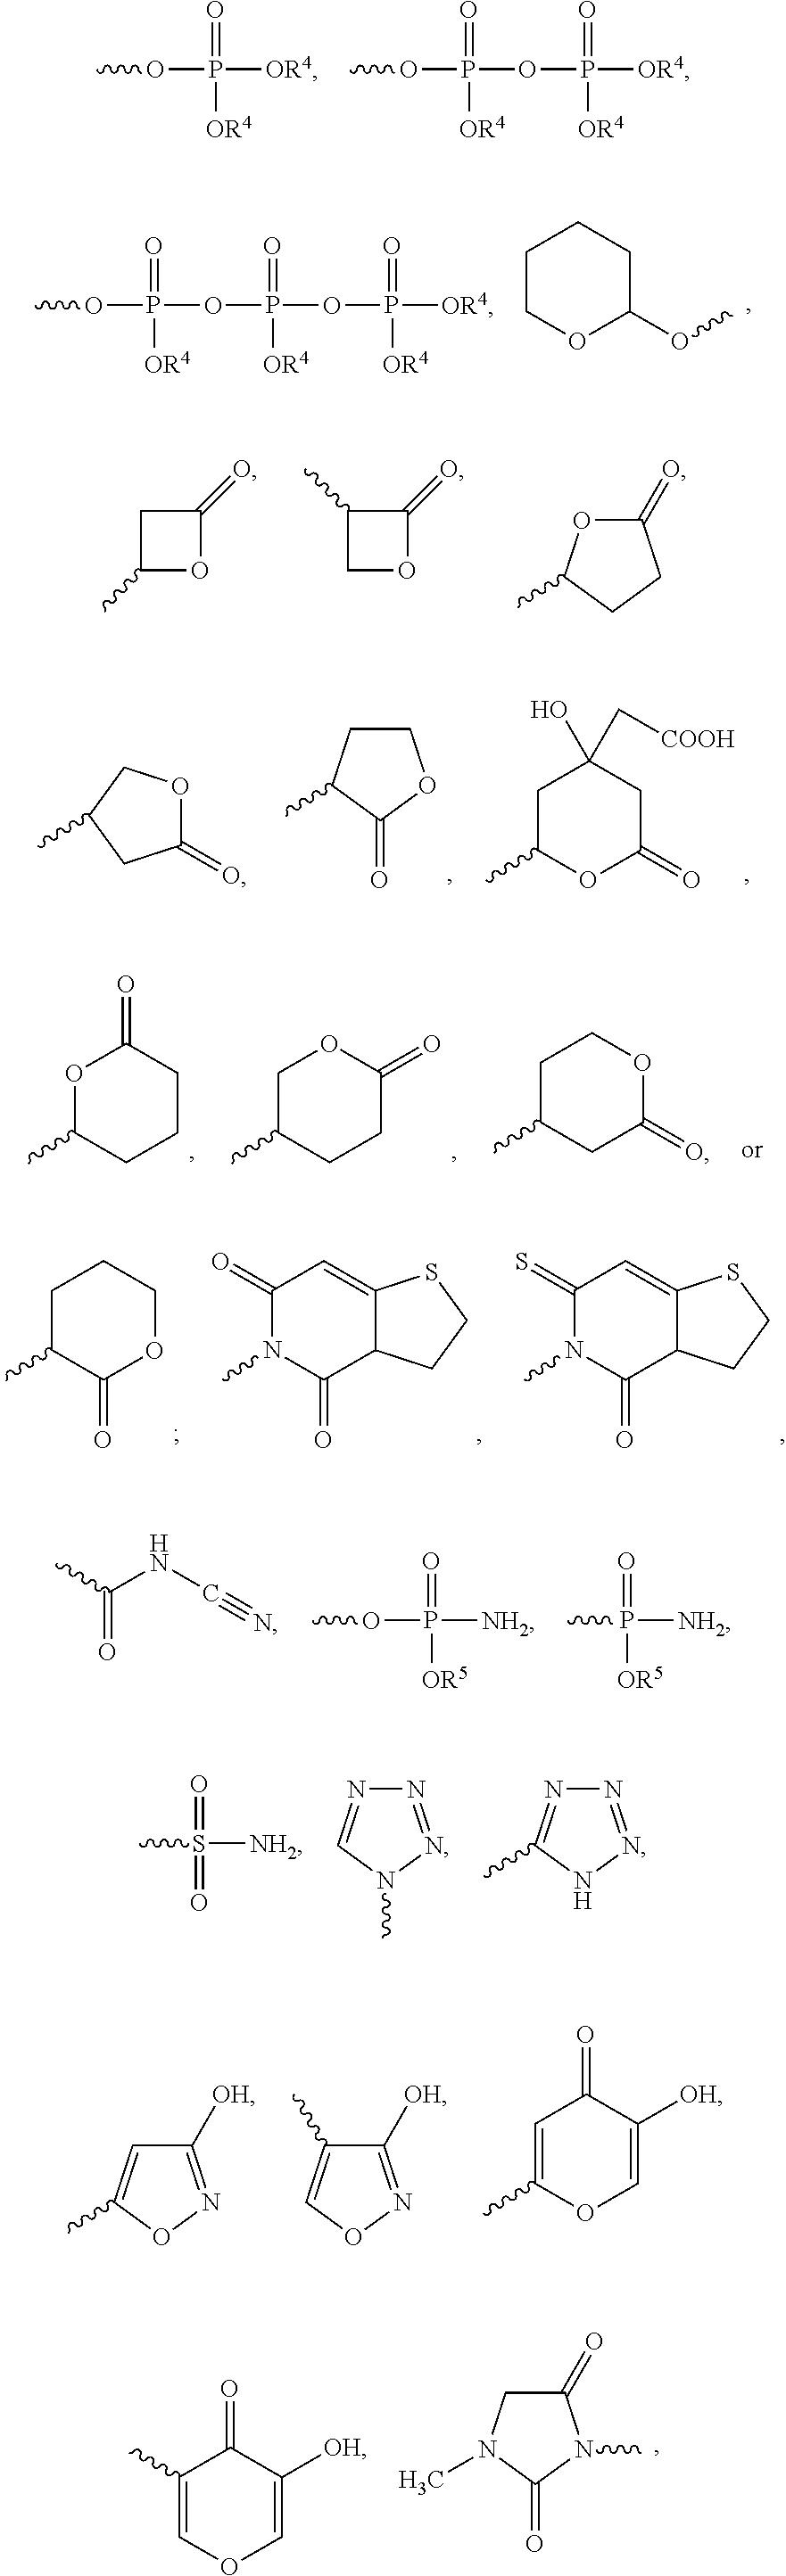 Figure US09855240-20180102-C00017